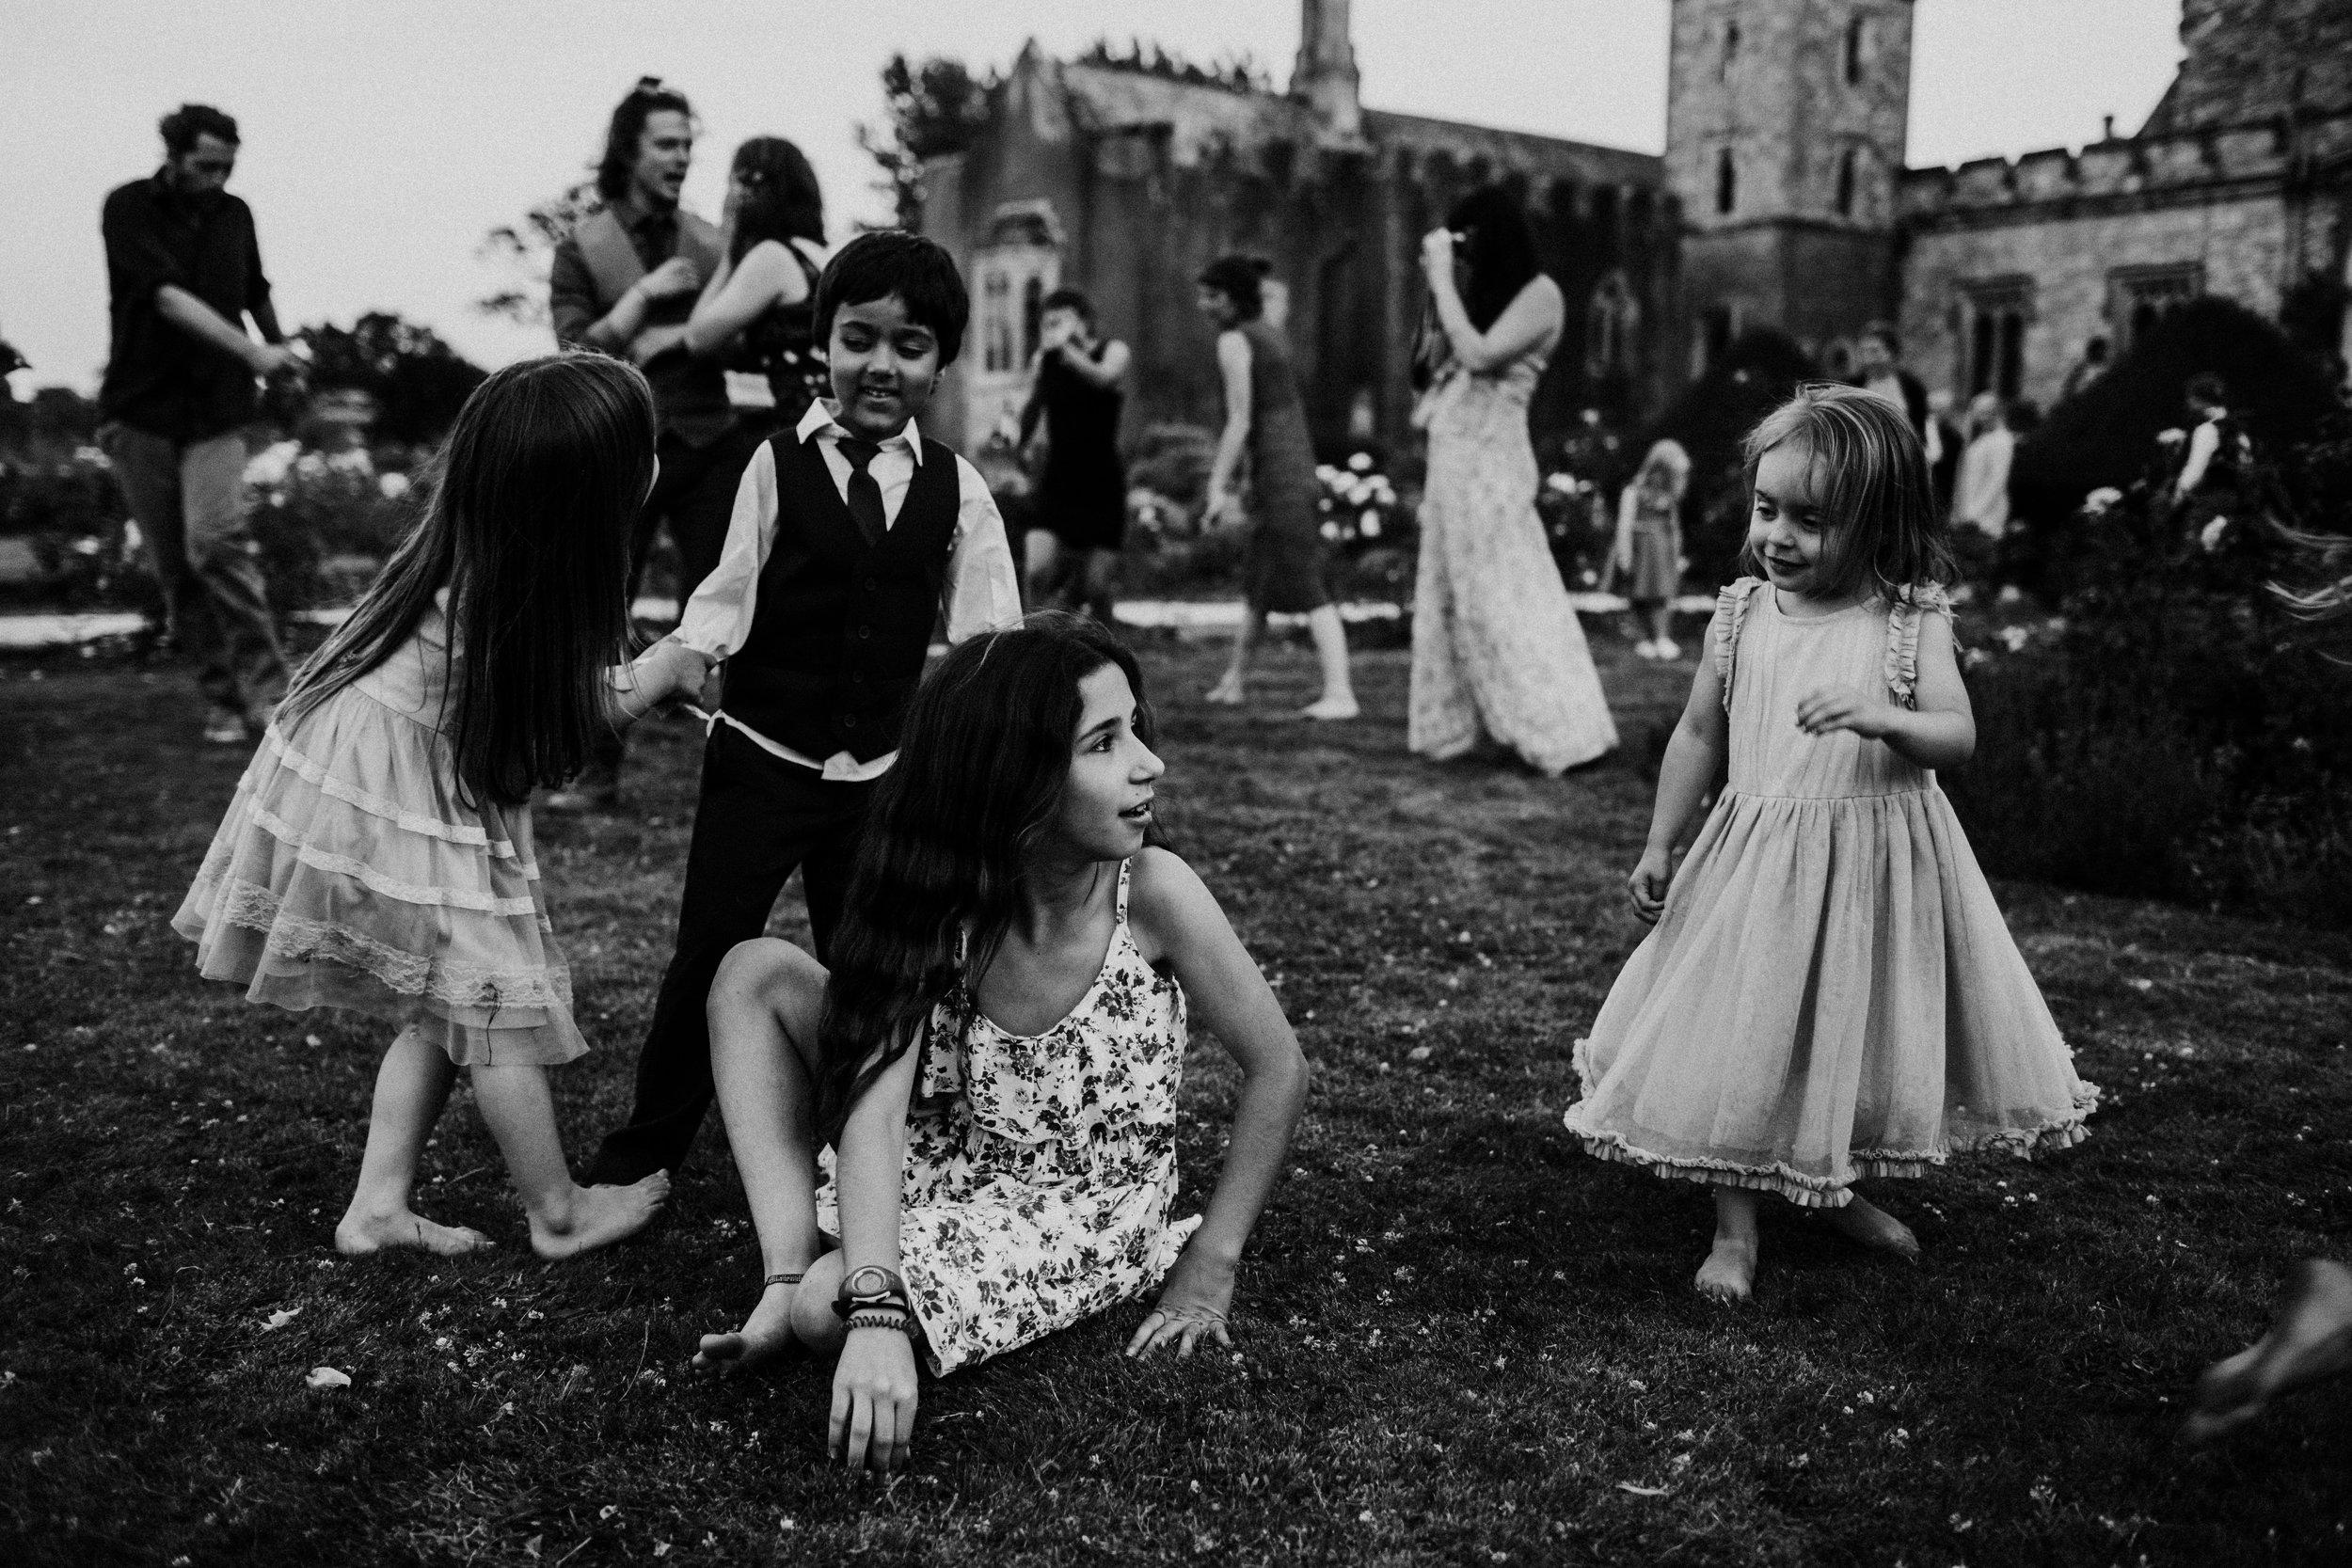 powderham castle wedding 35.jpg